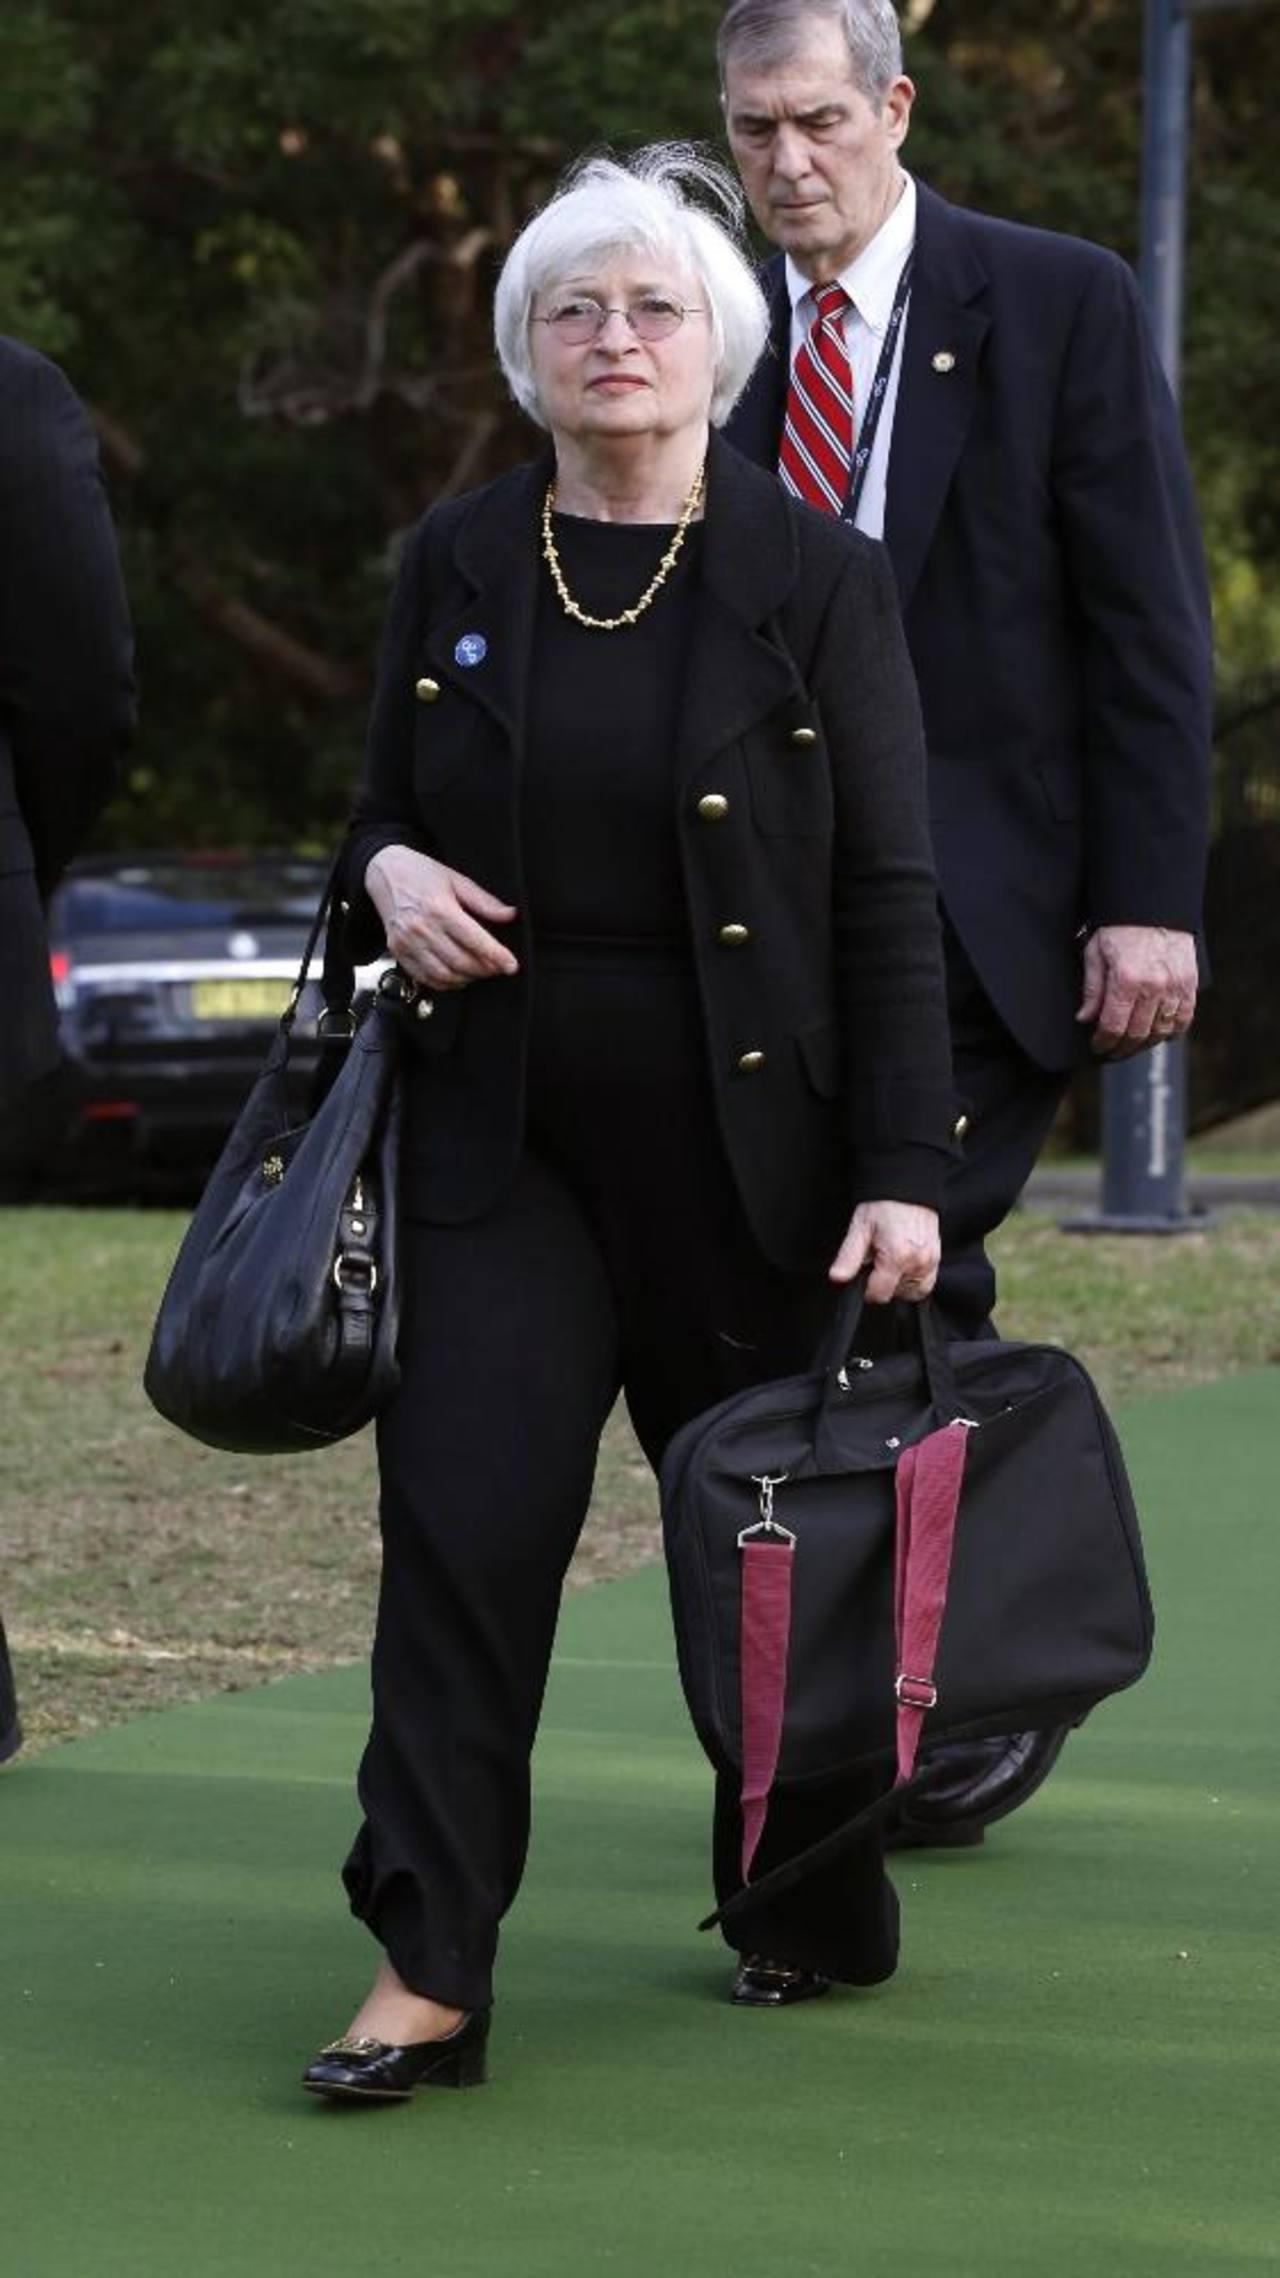 Janet Yellen, presidenta de la Fed, apunta a un 2 por ciento de inflación y desea que el desempleo caiga a alrededor del 5,5 por ciento.